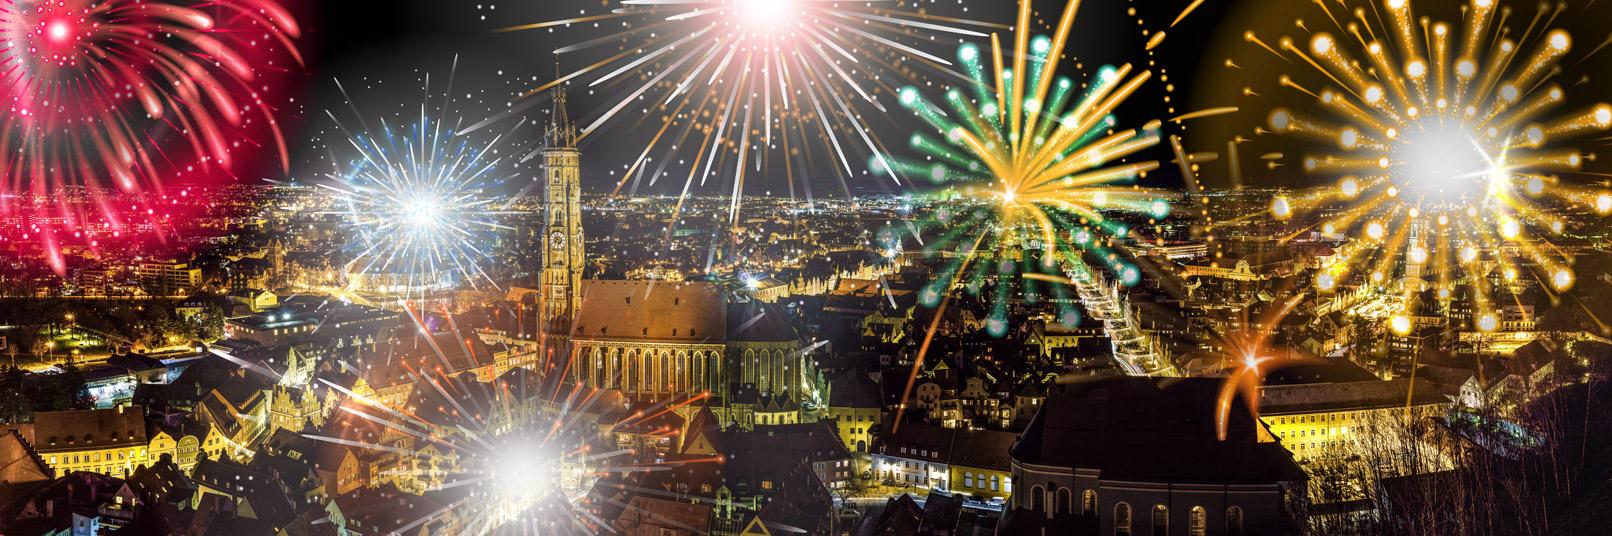 Stadtansicht mit eingearbeiteten Feuerwerks-Illustrationen